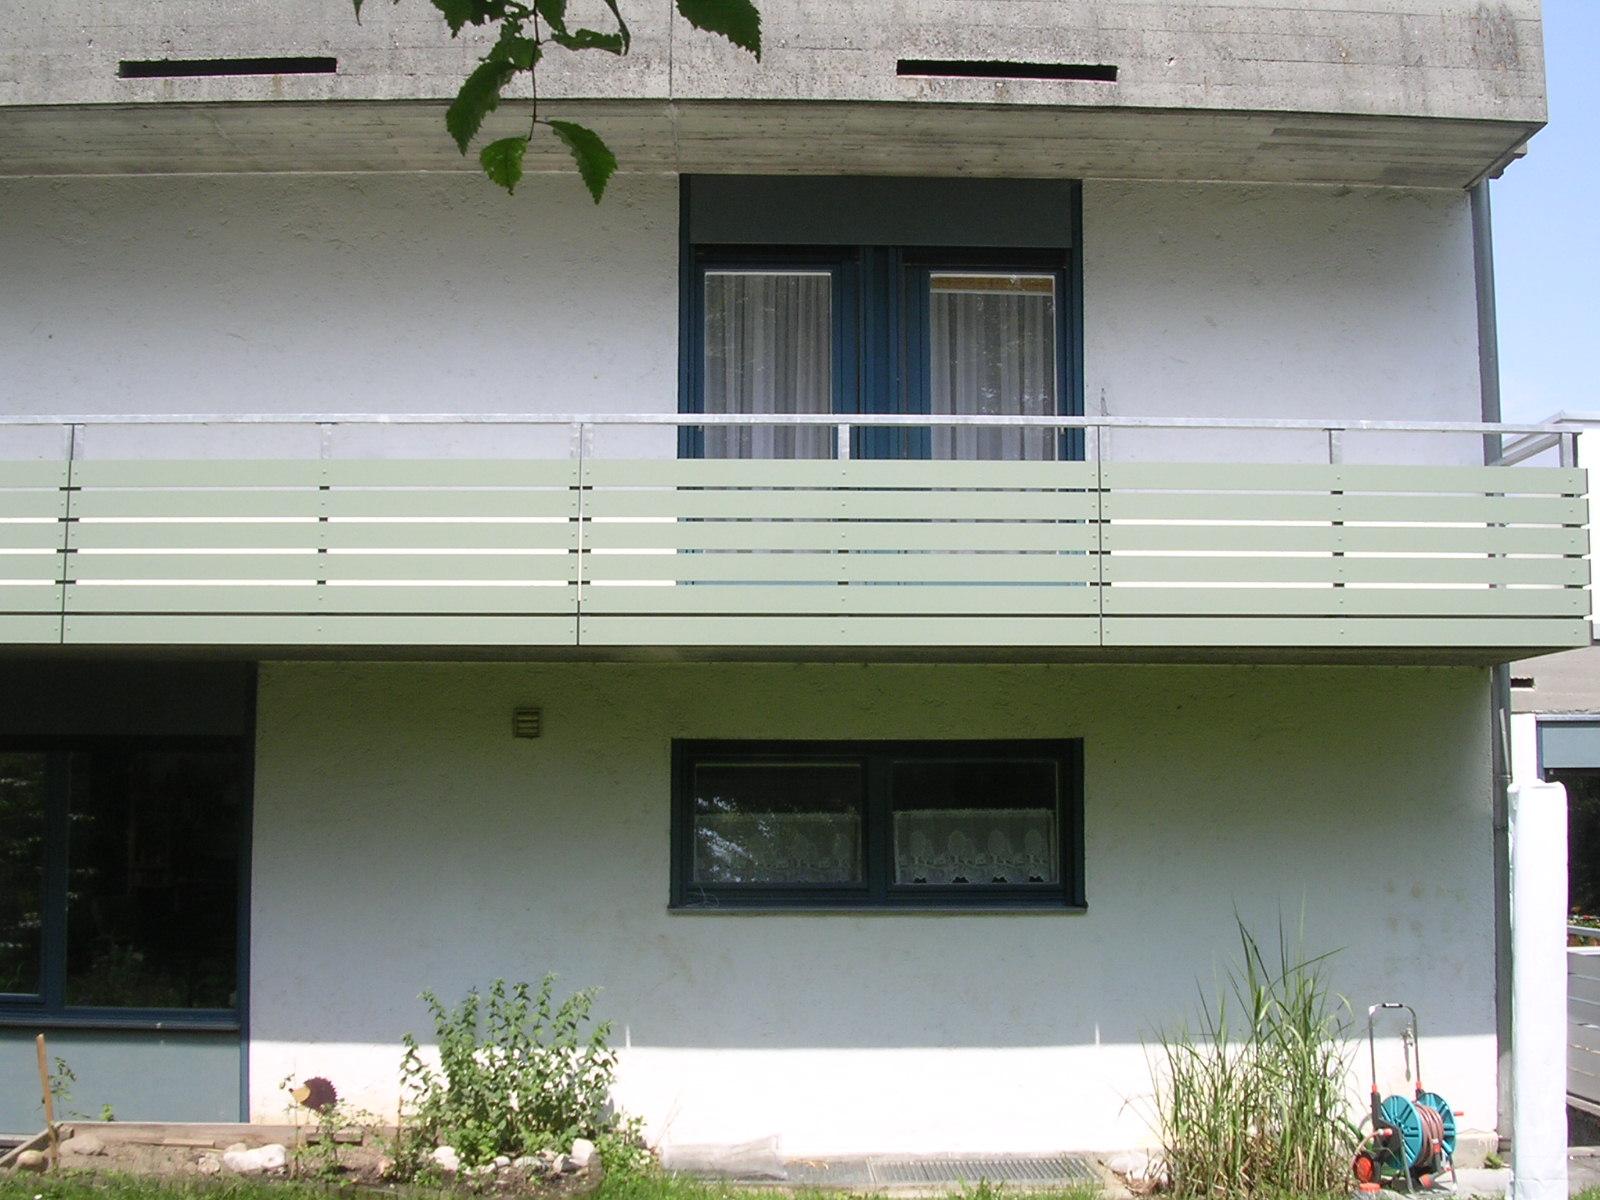 Neubau, Umbau und Sanierung in der Umgebung von München 22